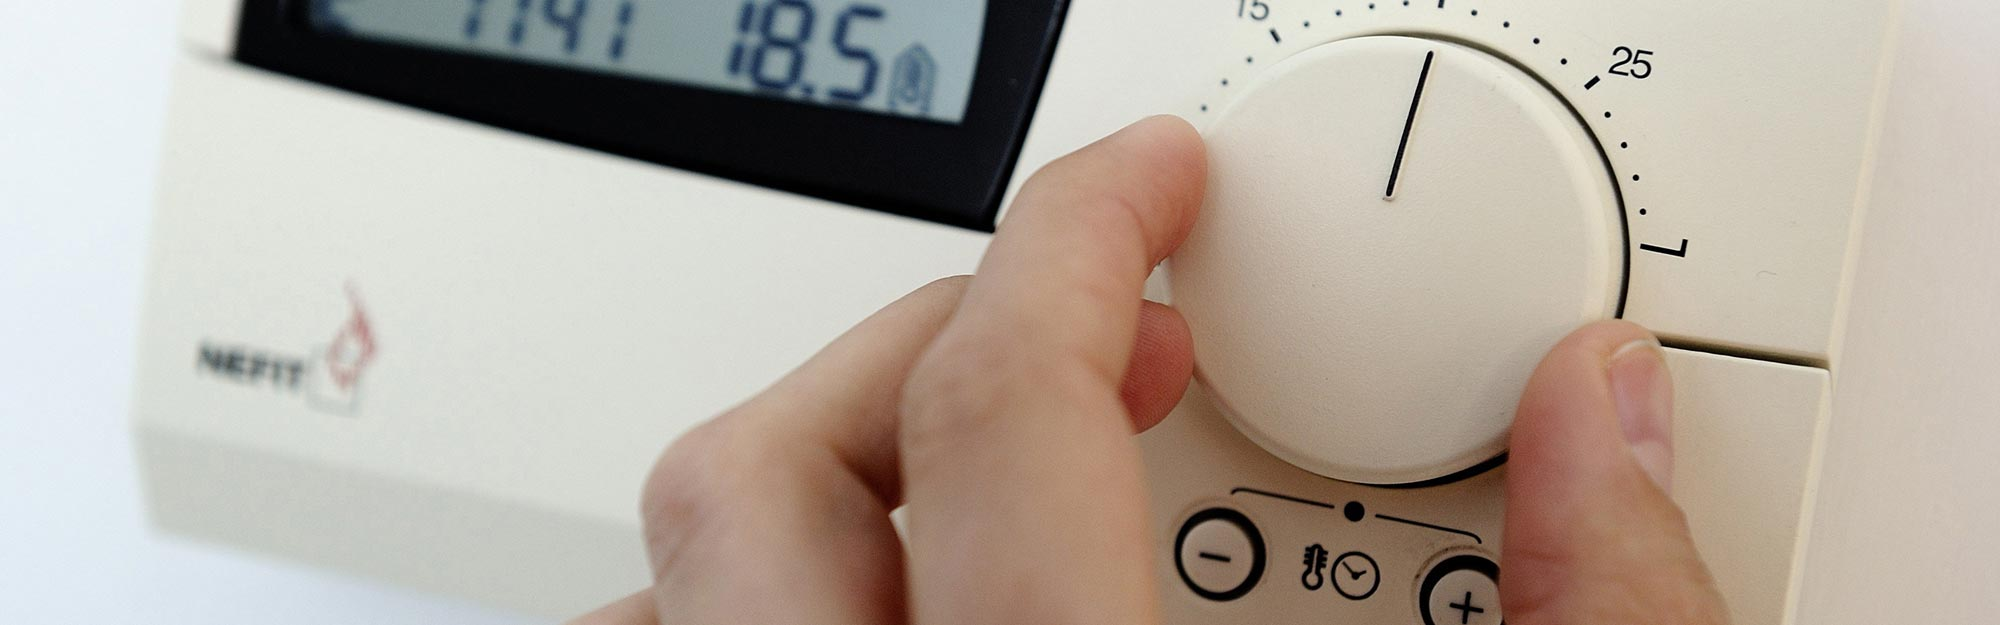 duurzaam je huis verwarmen